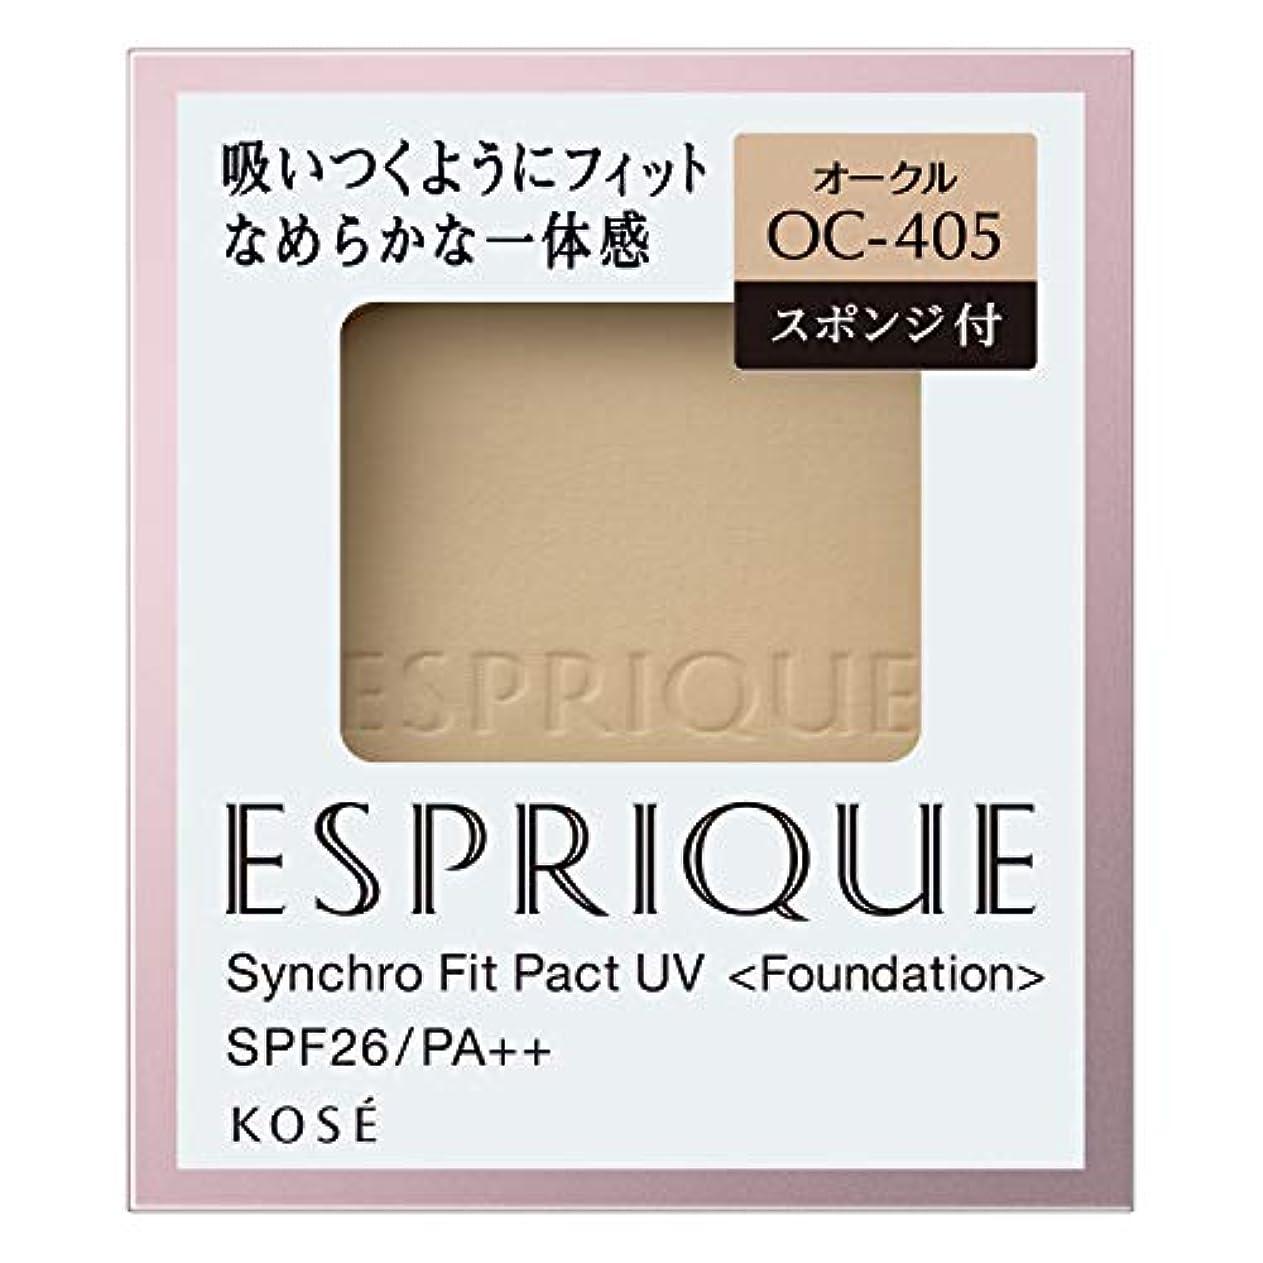 どれ含むシンプトンエスプリーク シンクロフィット パクト UV OC-405 オークル 9.3g